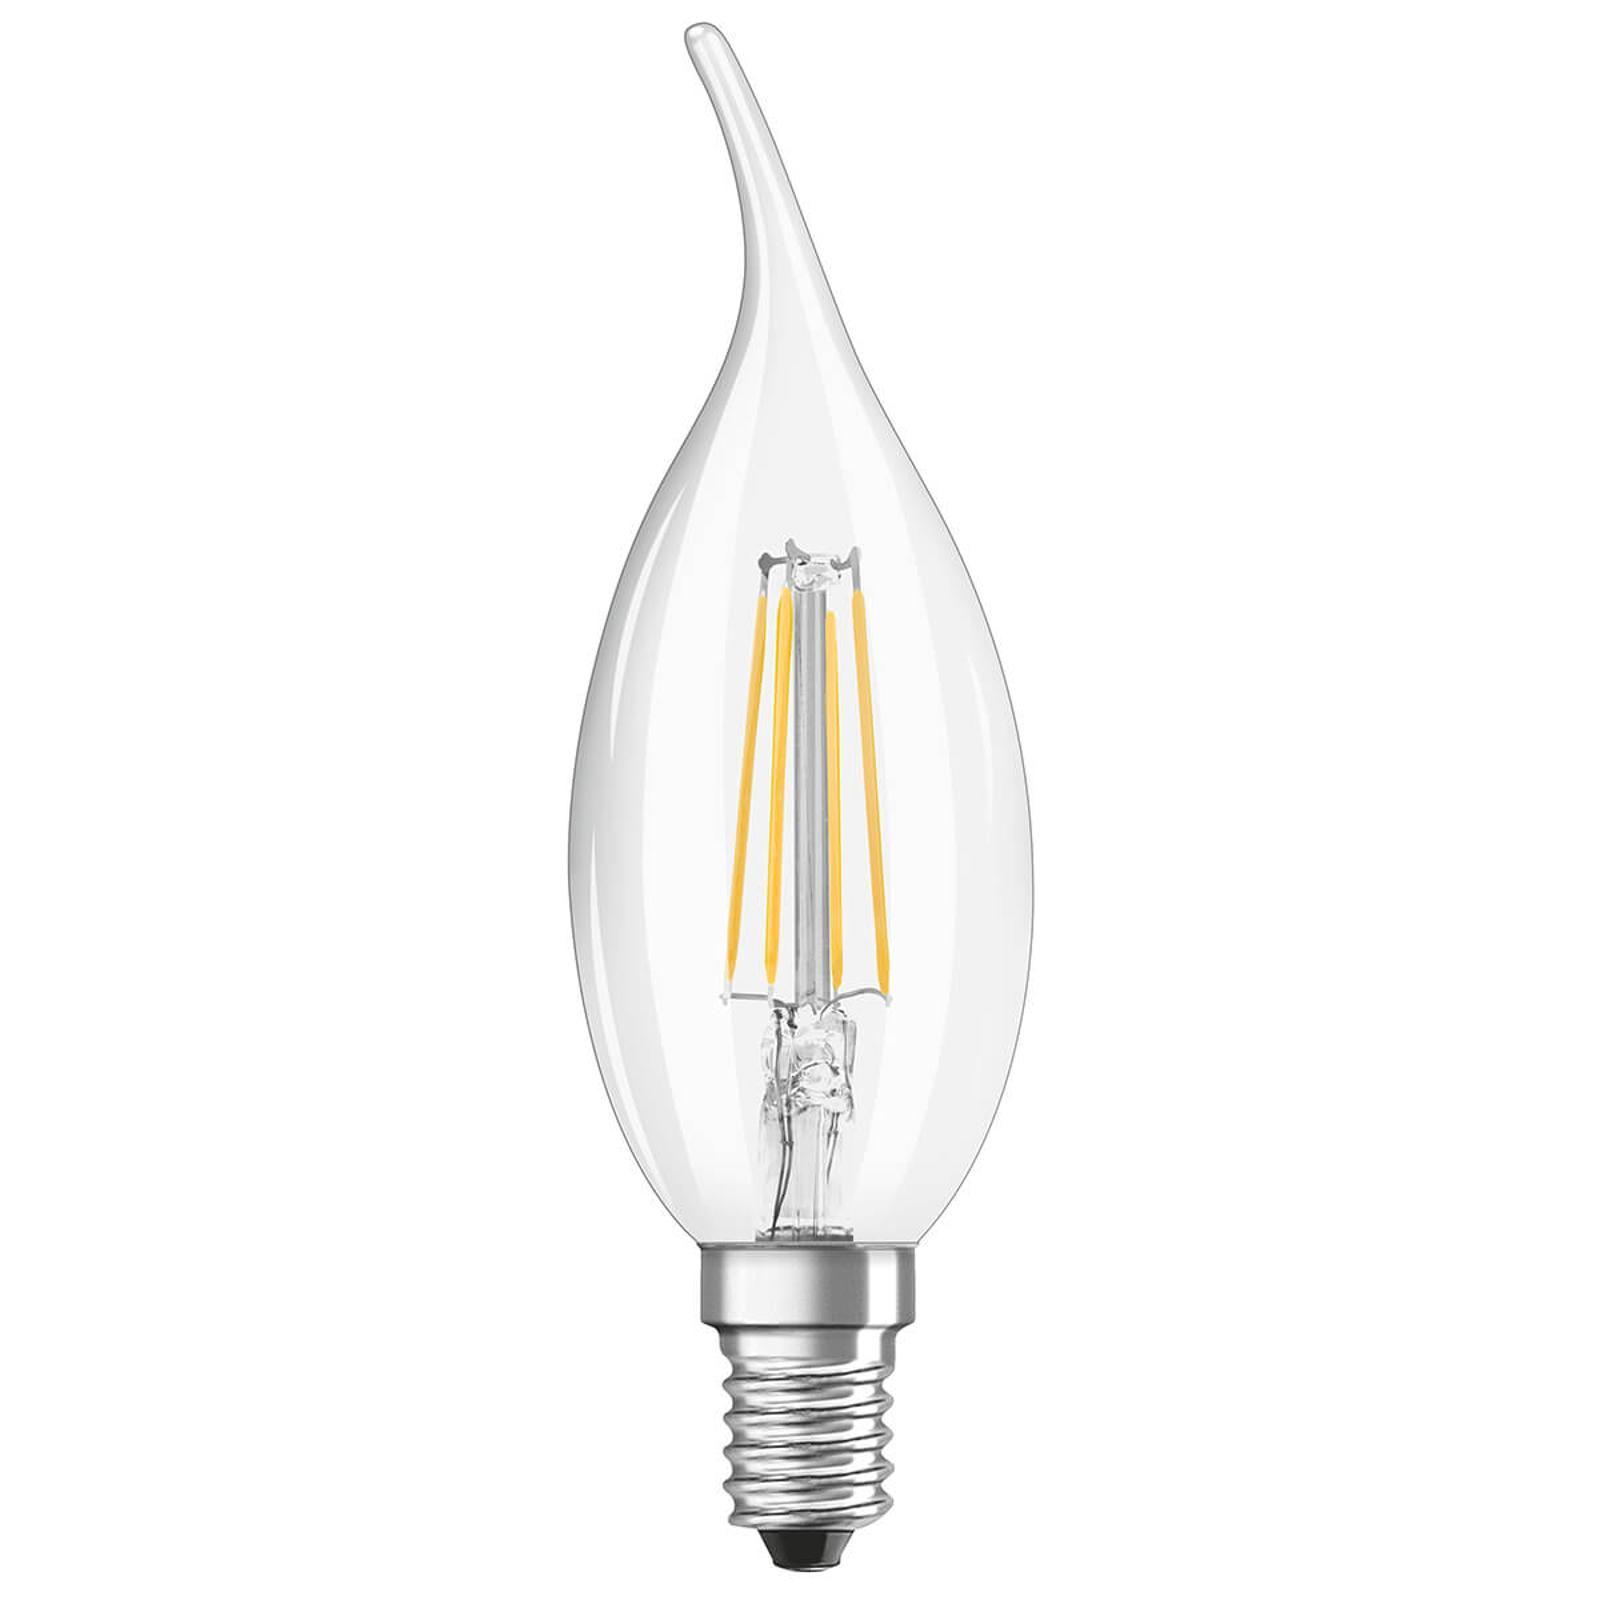 OSRAM żarówka świeca LED E14 4W 2700K podmuch